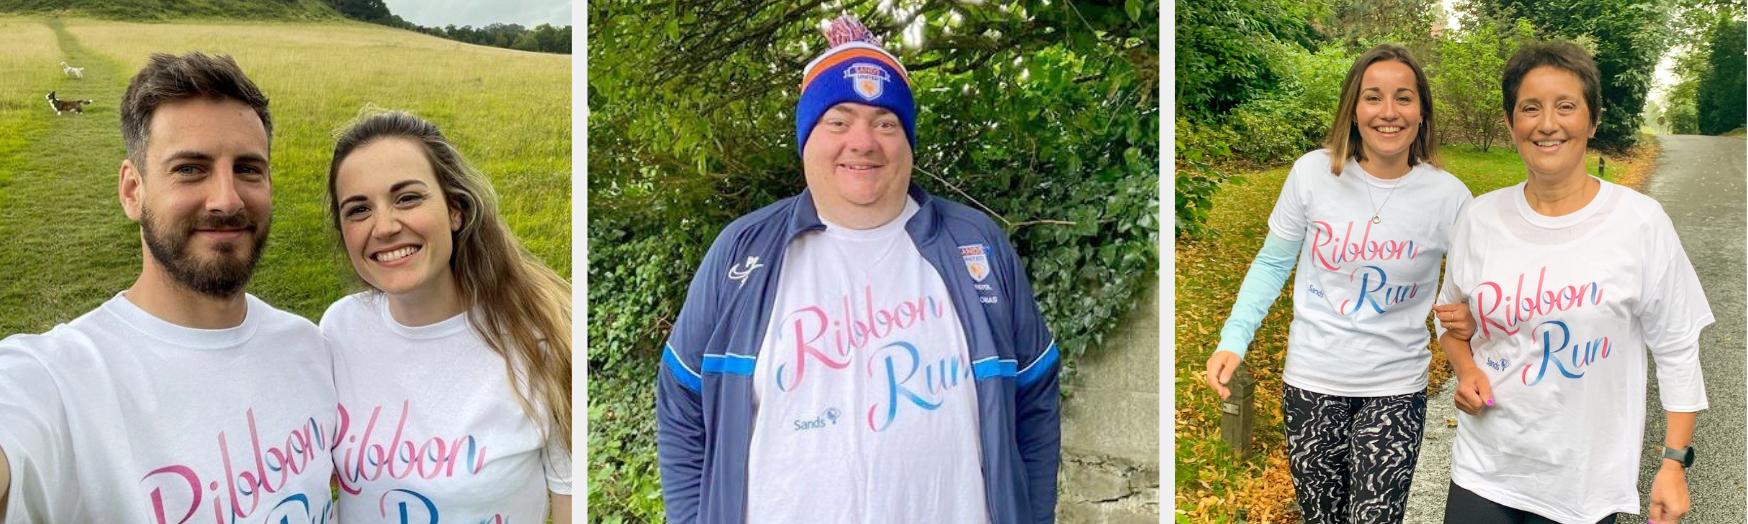 Ribbon-Run-webpage-1